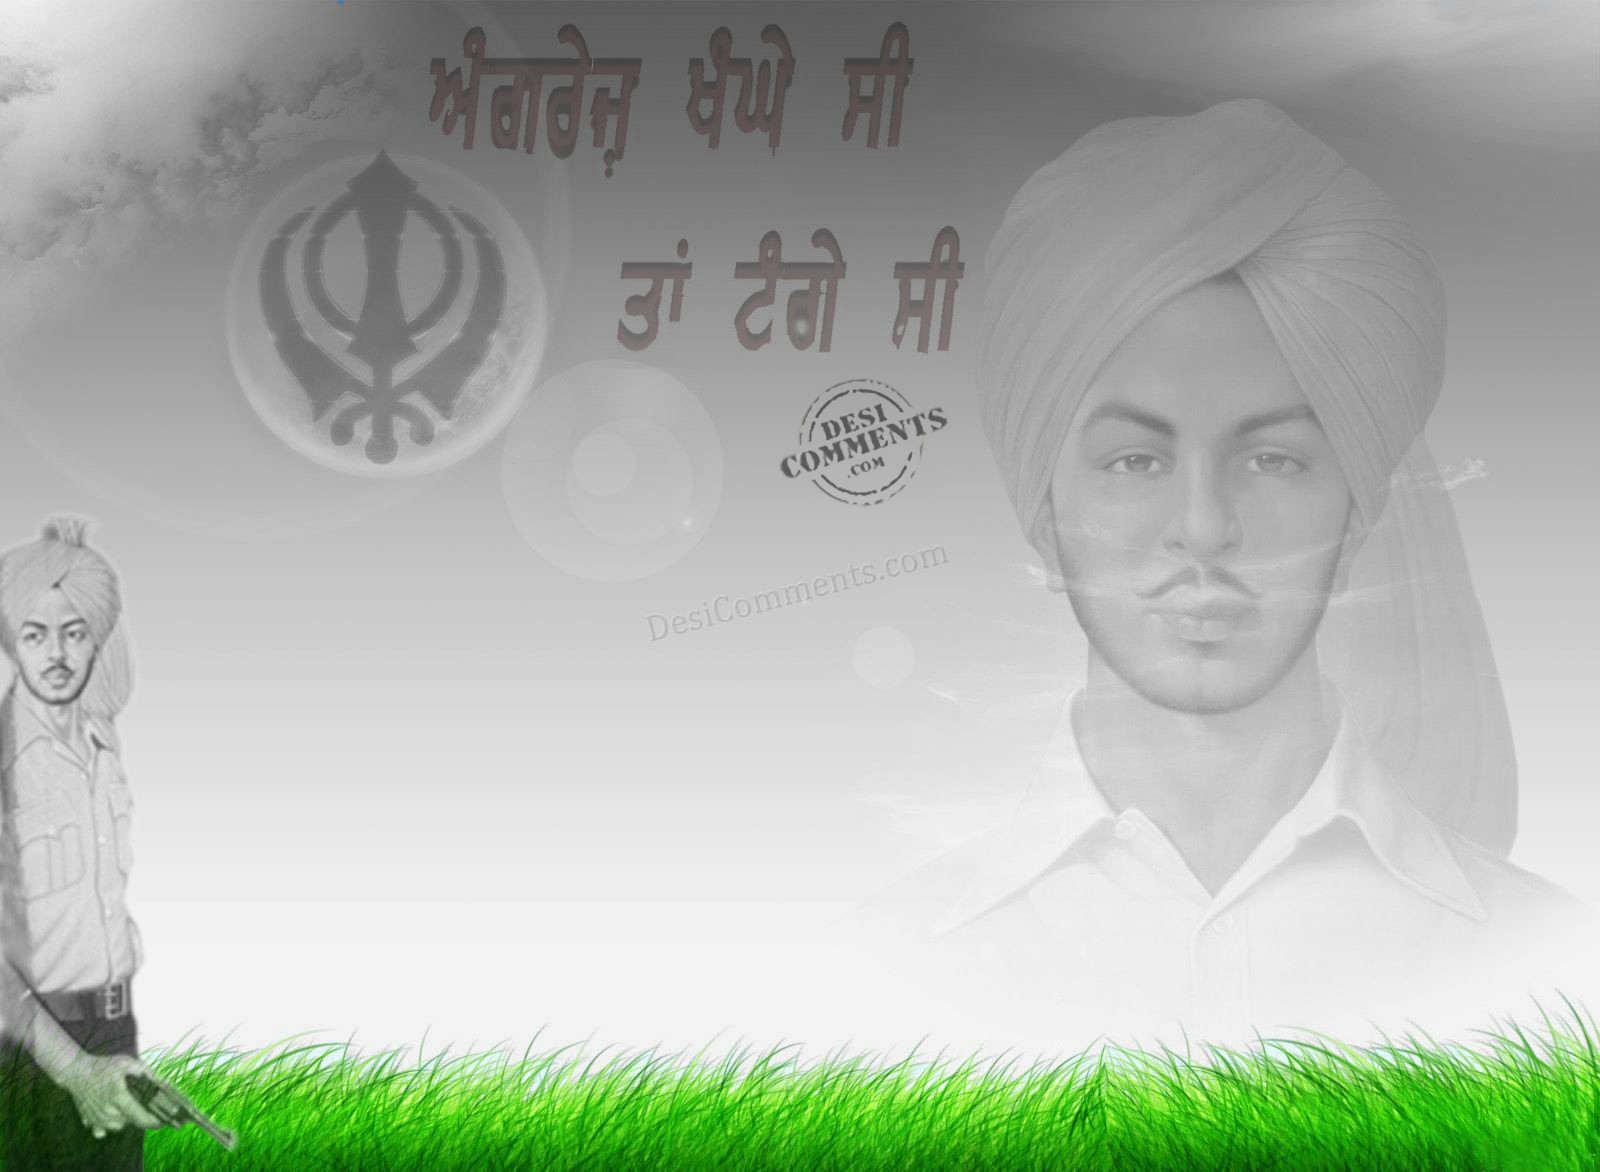 Punjabi Images Wallpaper - WallpaperSafari